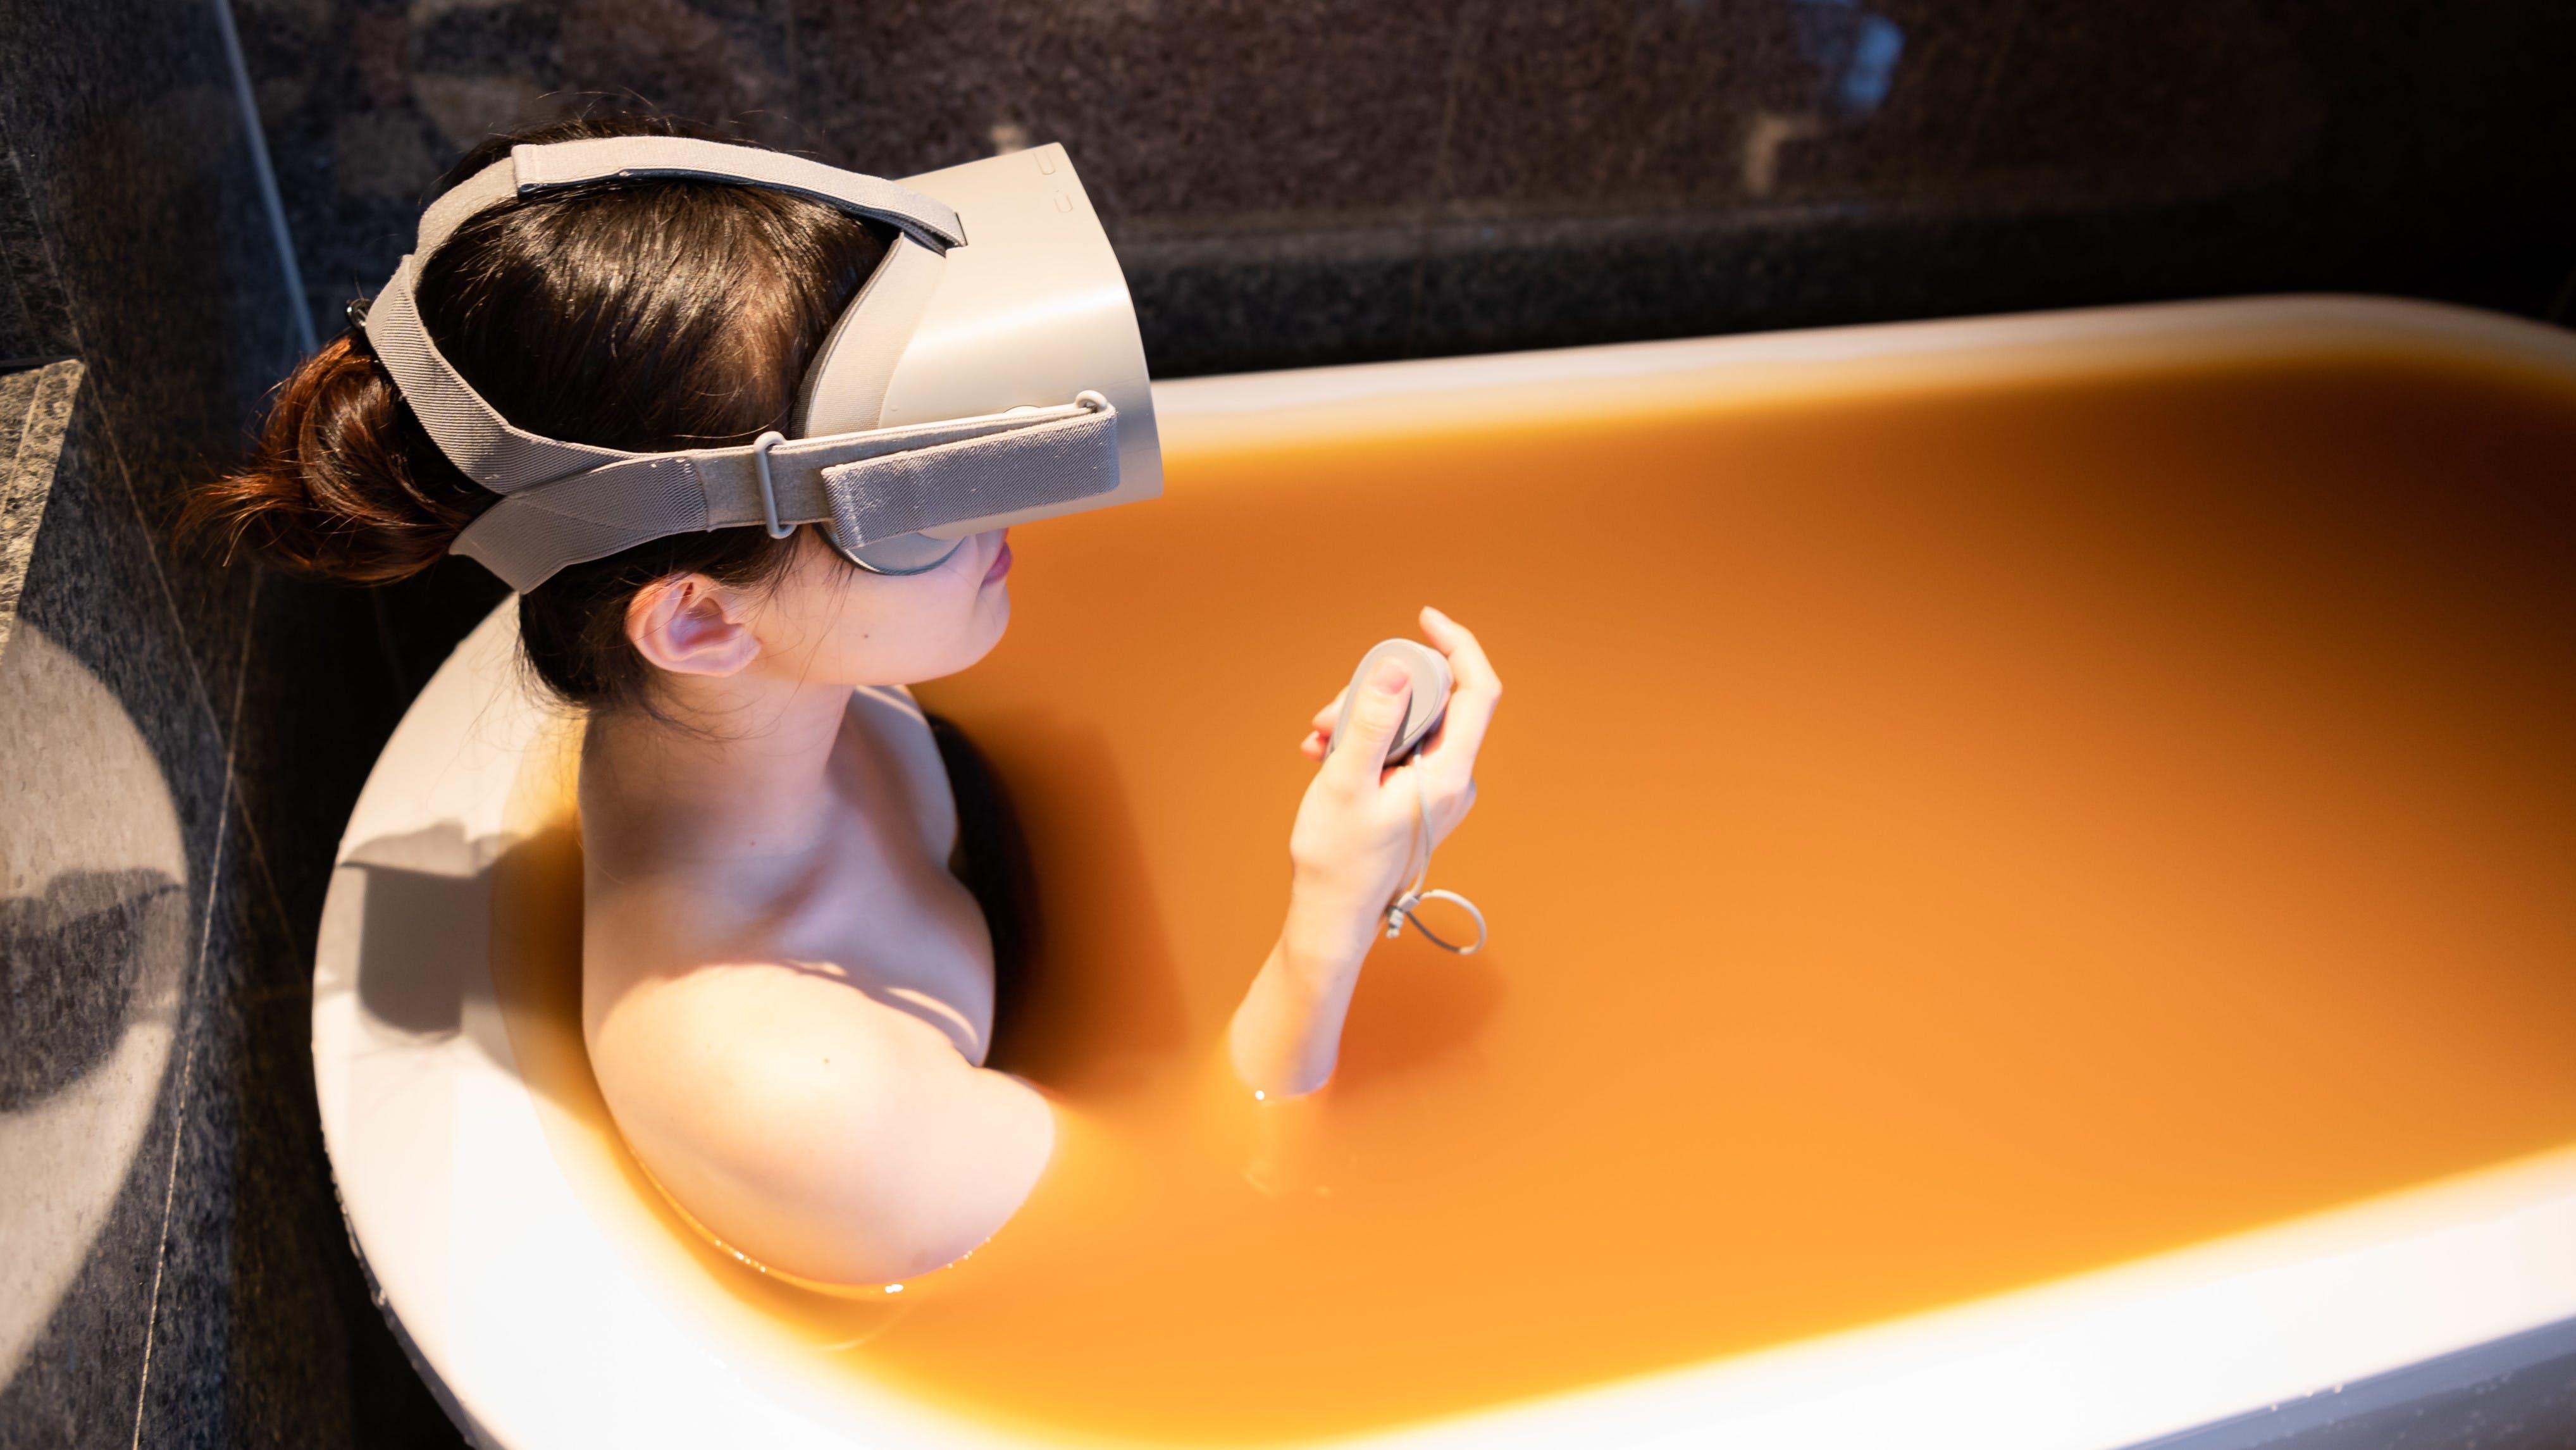 「VR温泉」「Zoom芸妓」…老舗旅館が切り開く、ニューノーマルな伝統のカタチ